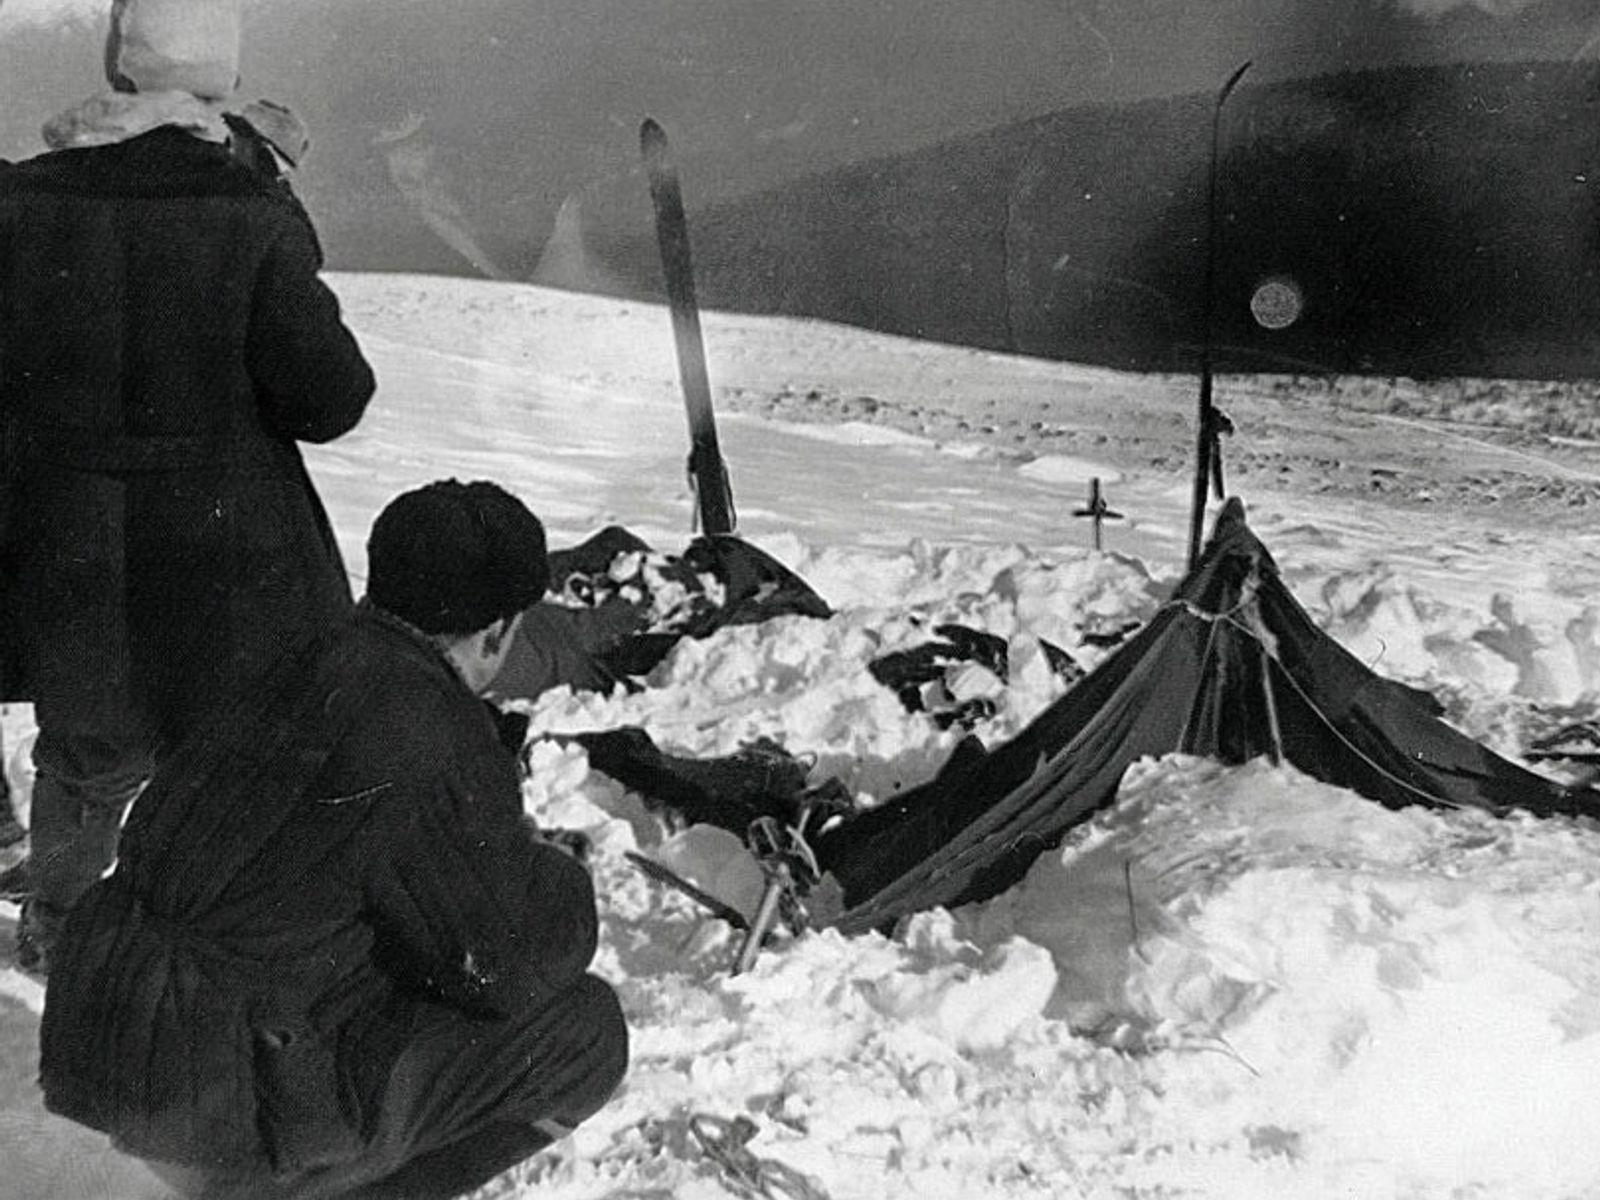 Investigadores soviéticos examinam a tenda pertencente à expedição de Passo Dyatlov no dia 26 de fevereiro ...